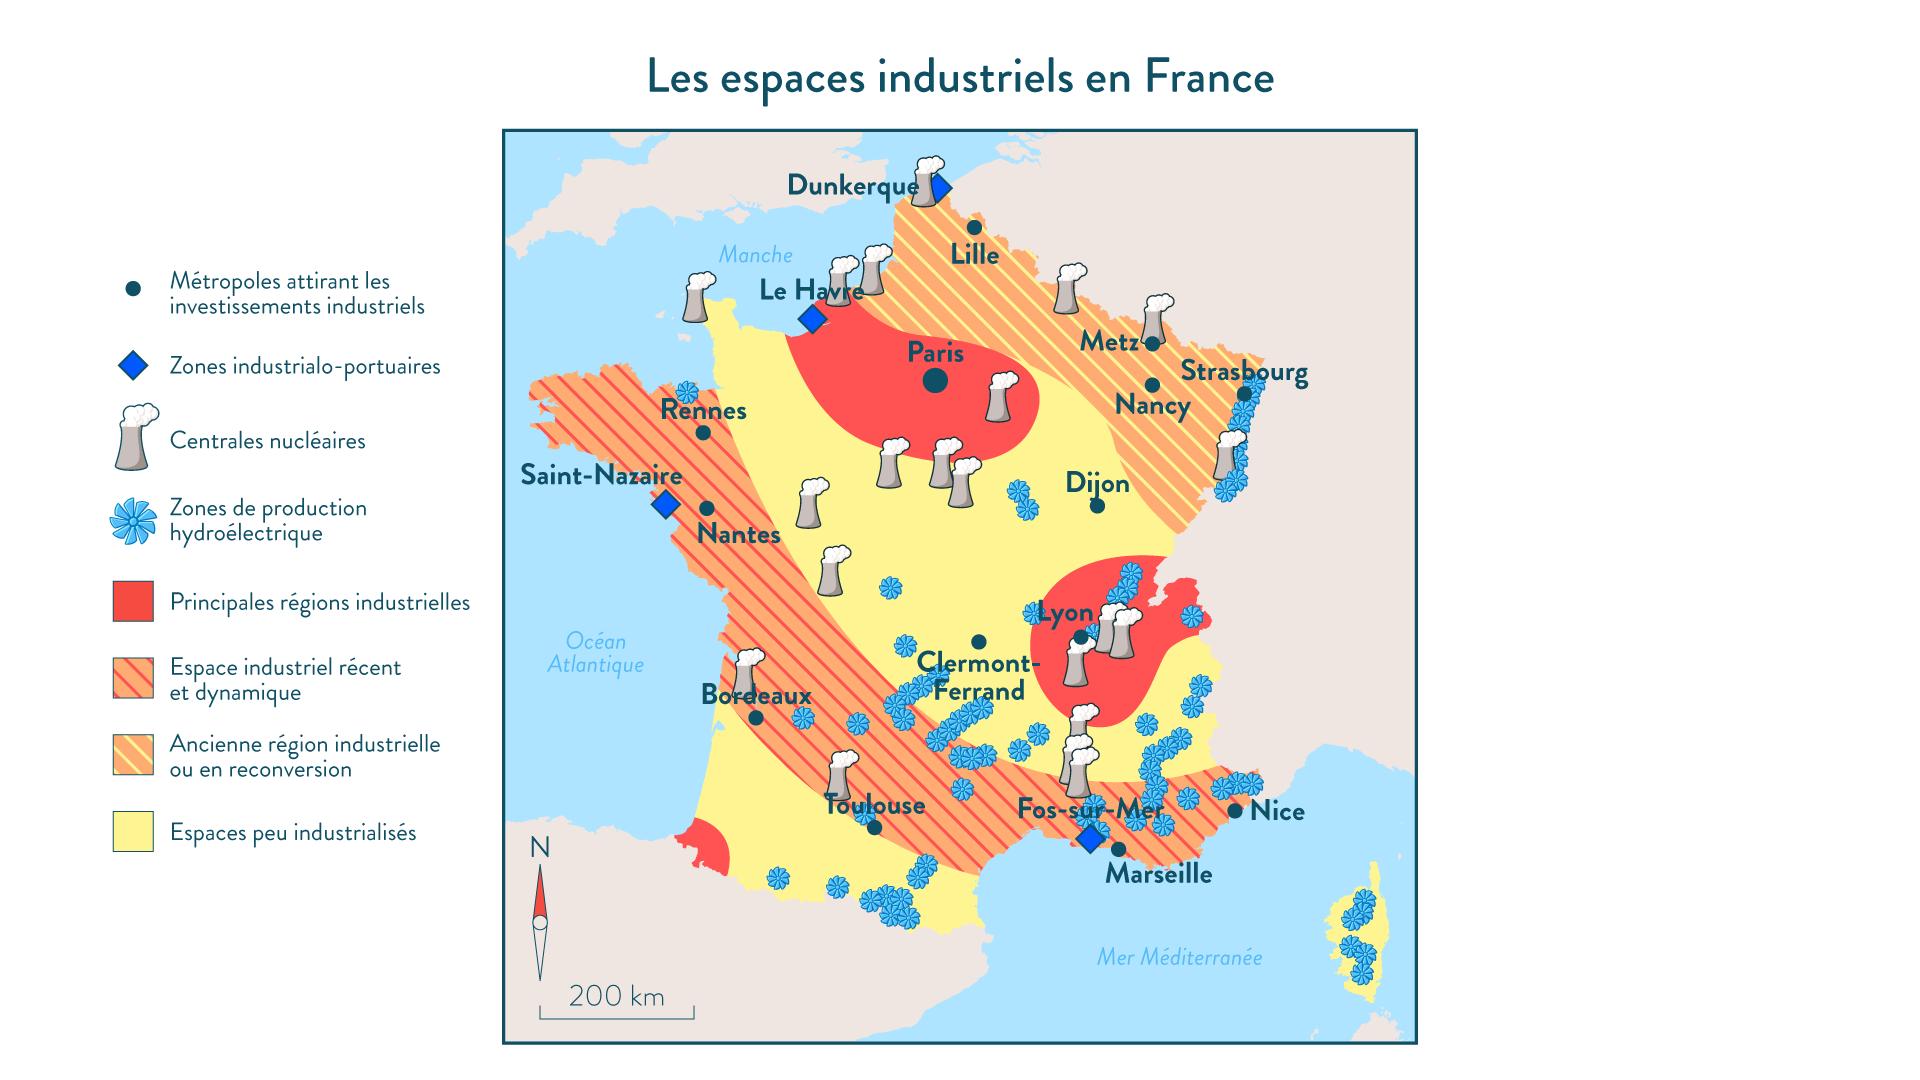 Les espaces industriels en France